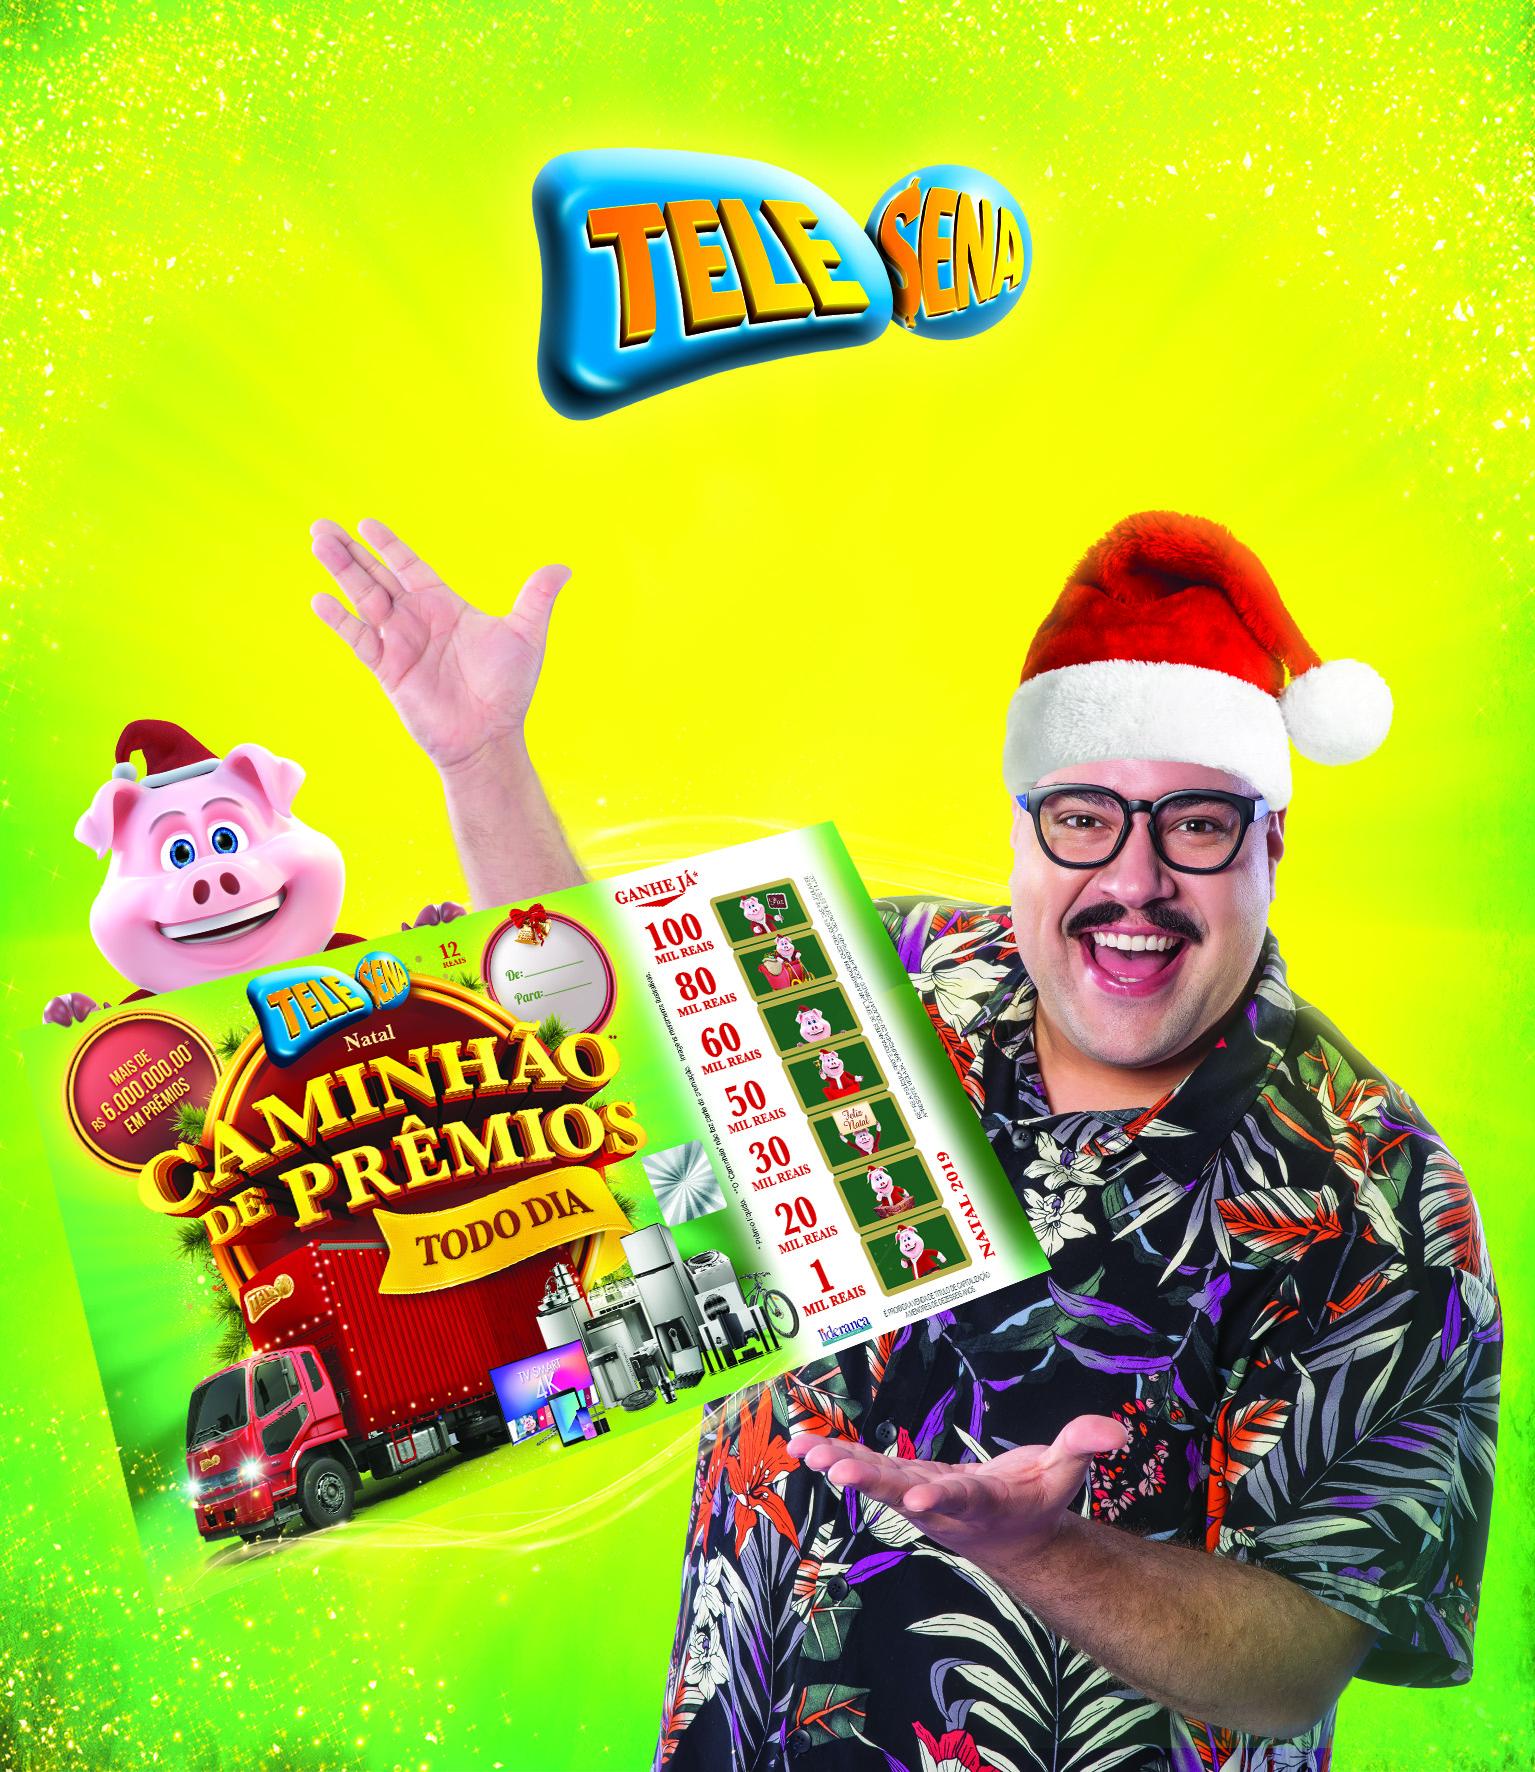 Tiago Abravanel está de volta com a Tele Sena de Natal que traz um caminhão** de prêmios todos os dias 41